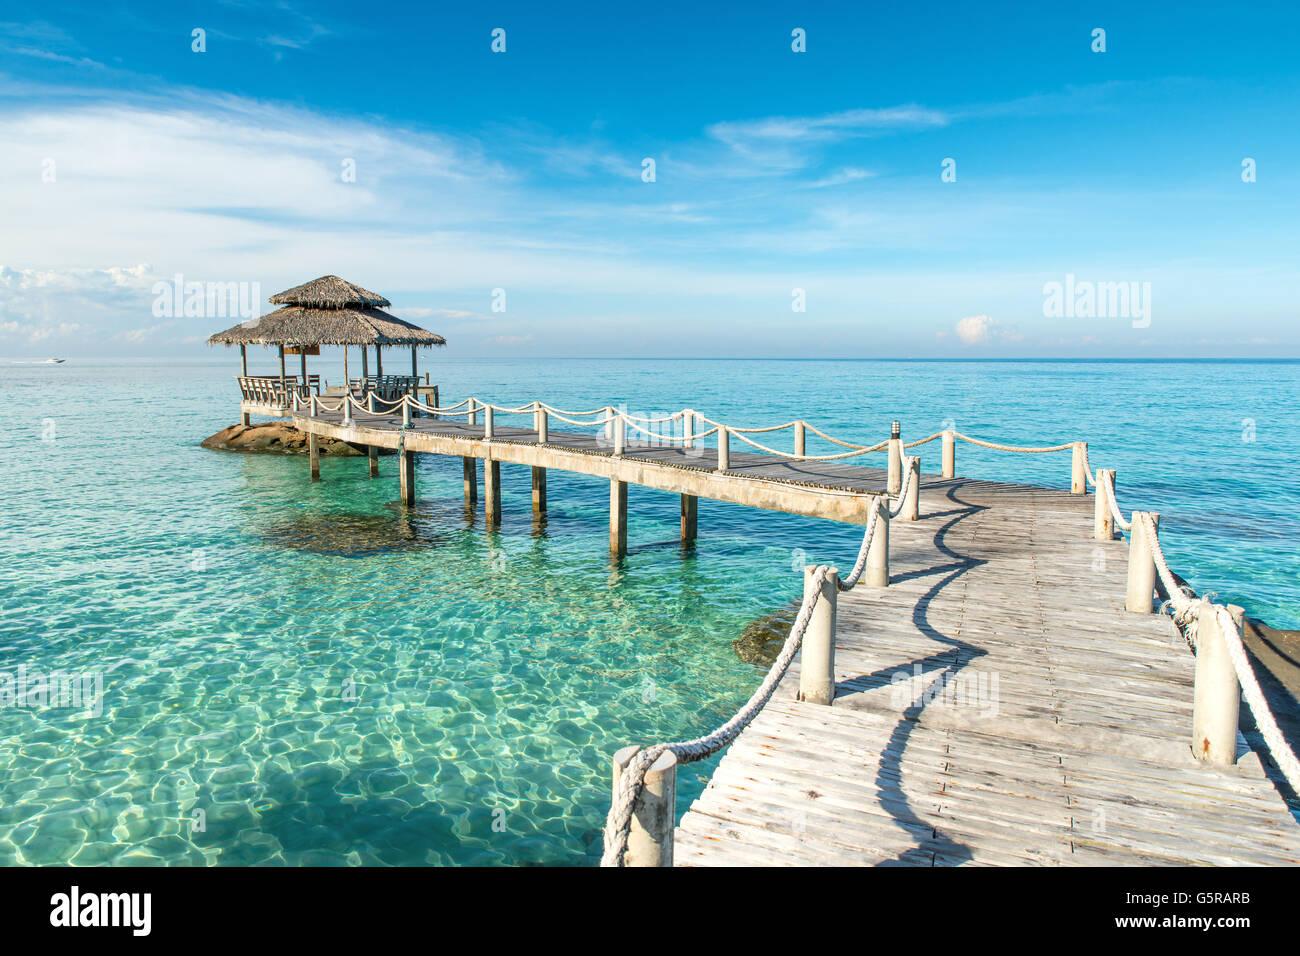 Estate, Viaggi, vacanze e concetto di vacanza - molo in legno a Phuket, Tailandia. Utilizzare per l'estate Viaggi Immagini Stock